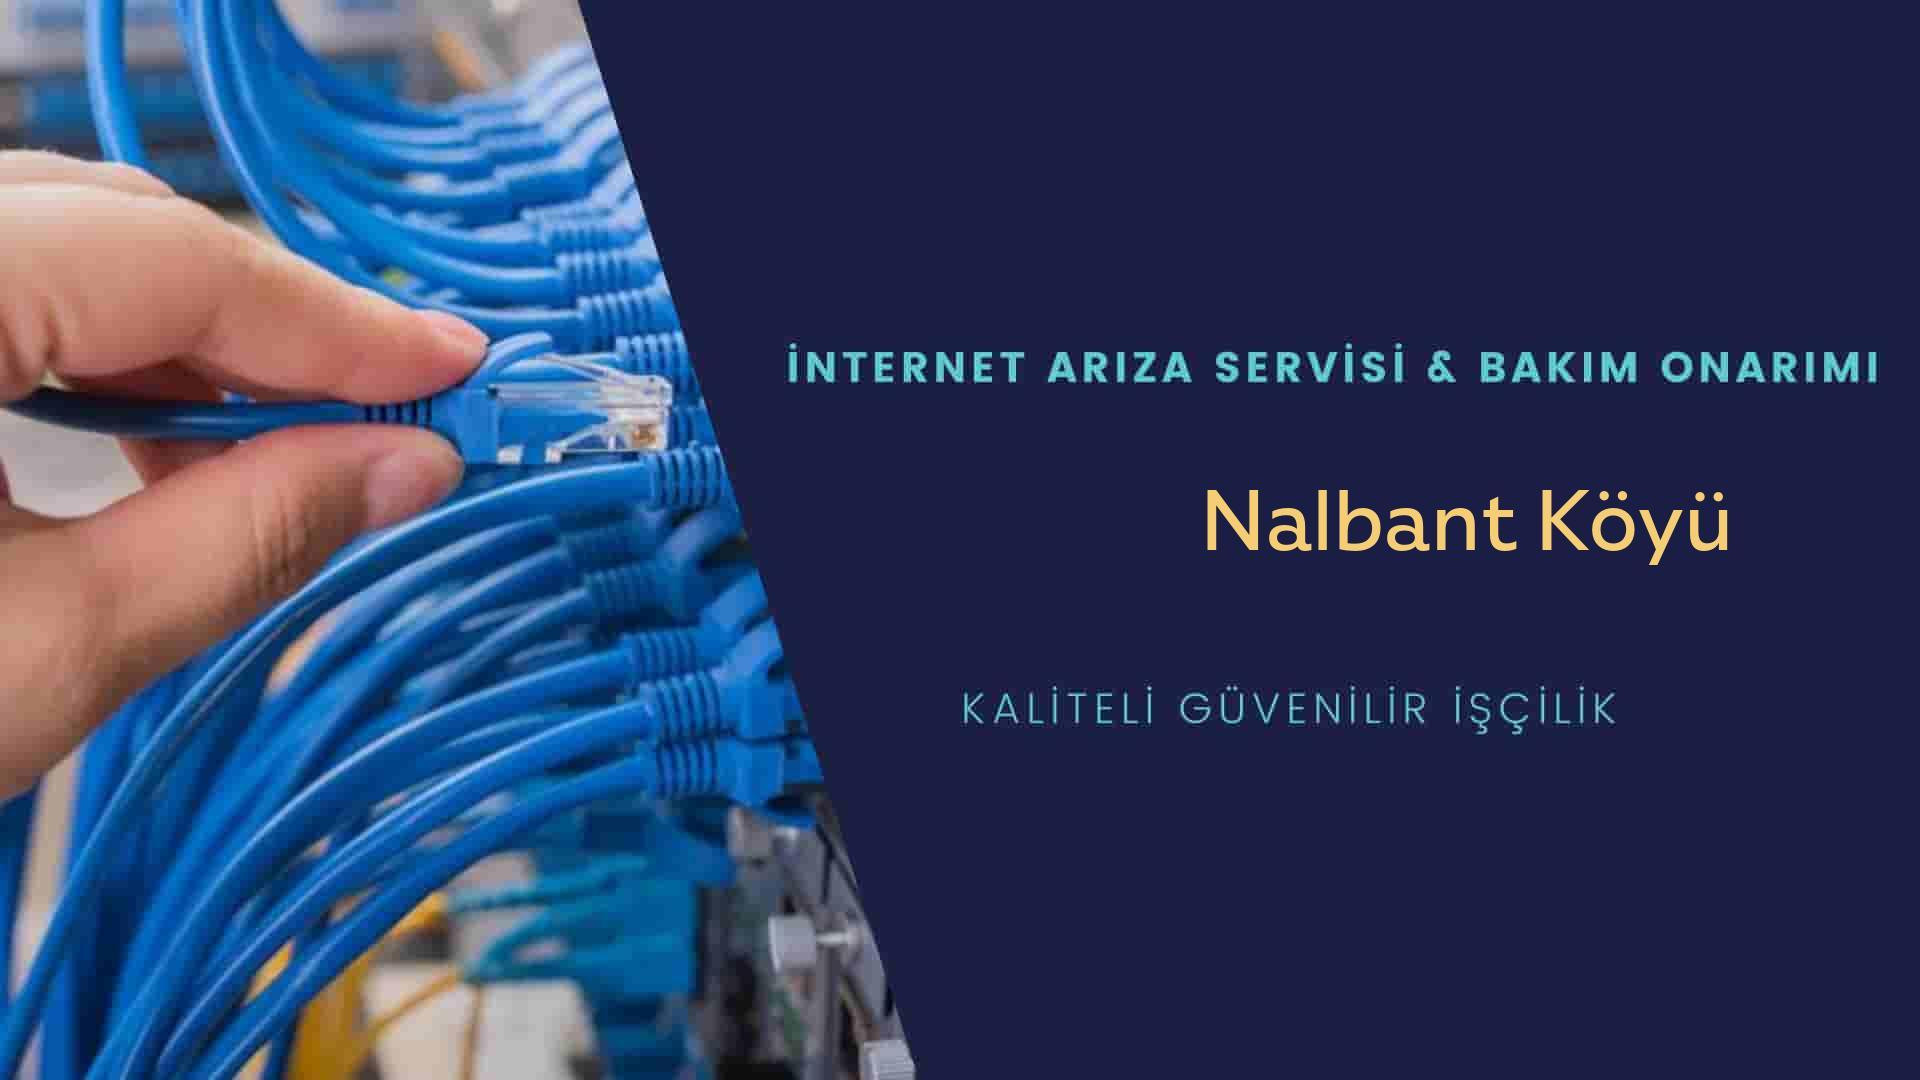 Nalbant Köyü internet kablosu çekimi yapan yerler veya elektrikçiler mi? arıyorsunuz doğru yerdesiniz o zaman sizlere 7/24 yardımcı olacak profesyonel ustalarımız bir telefon kadar yakındır size.